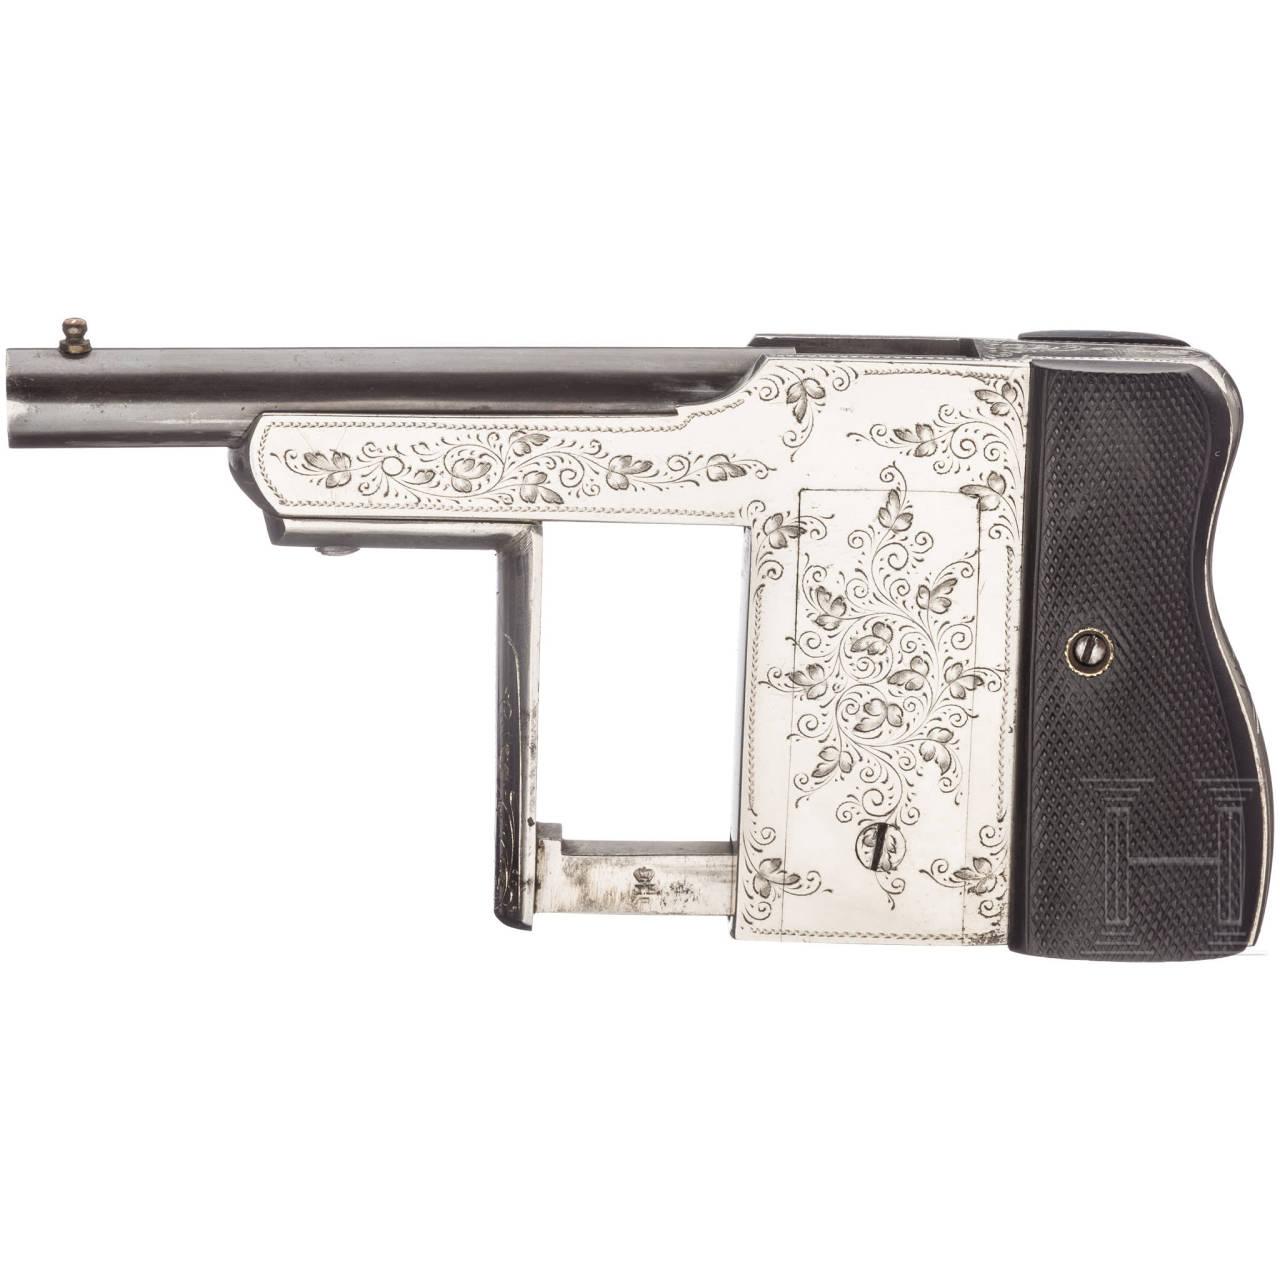 Handdruckpistole Rouchouse-Merveilleux, um 1890